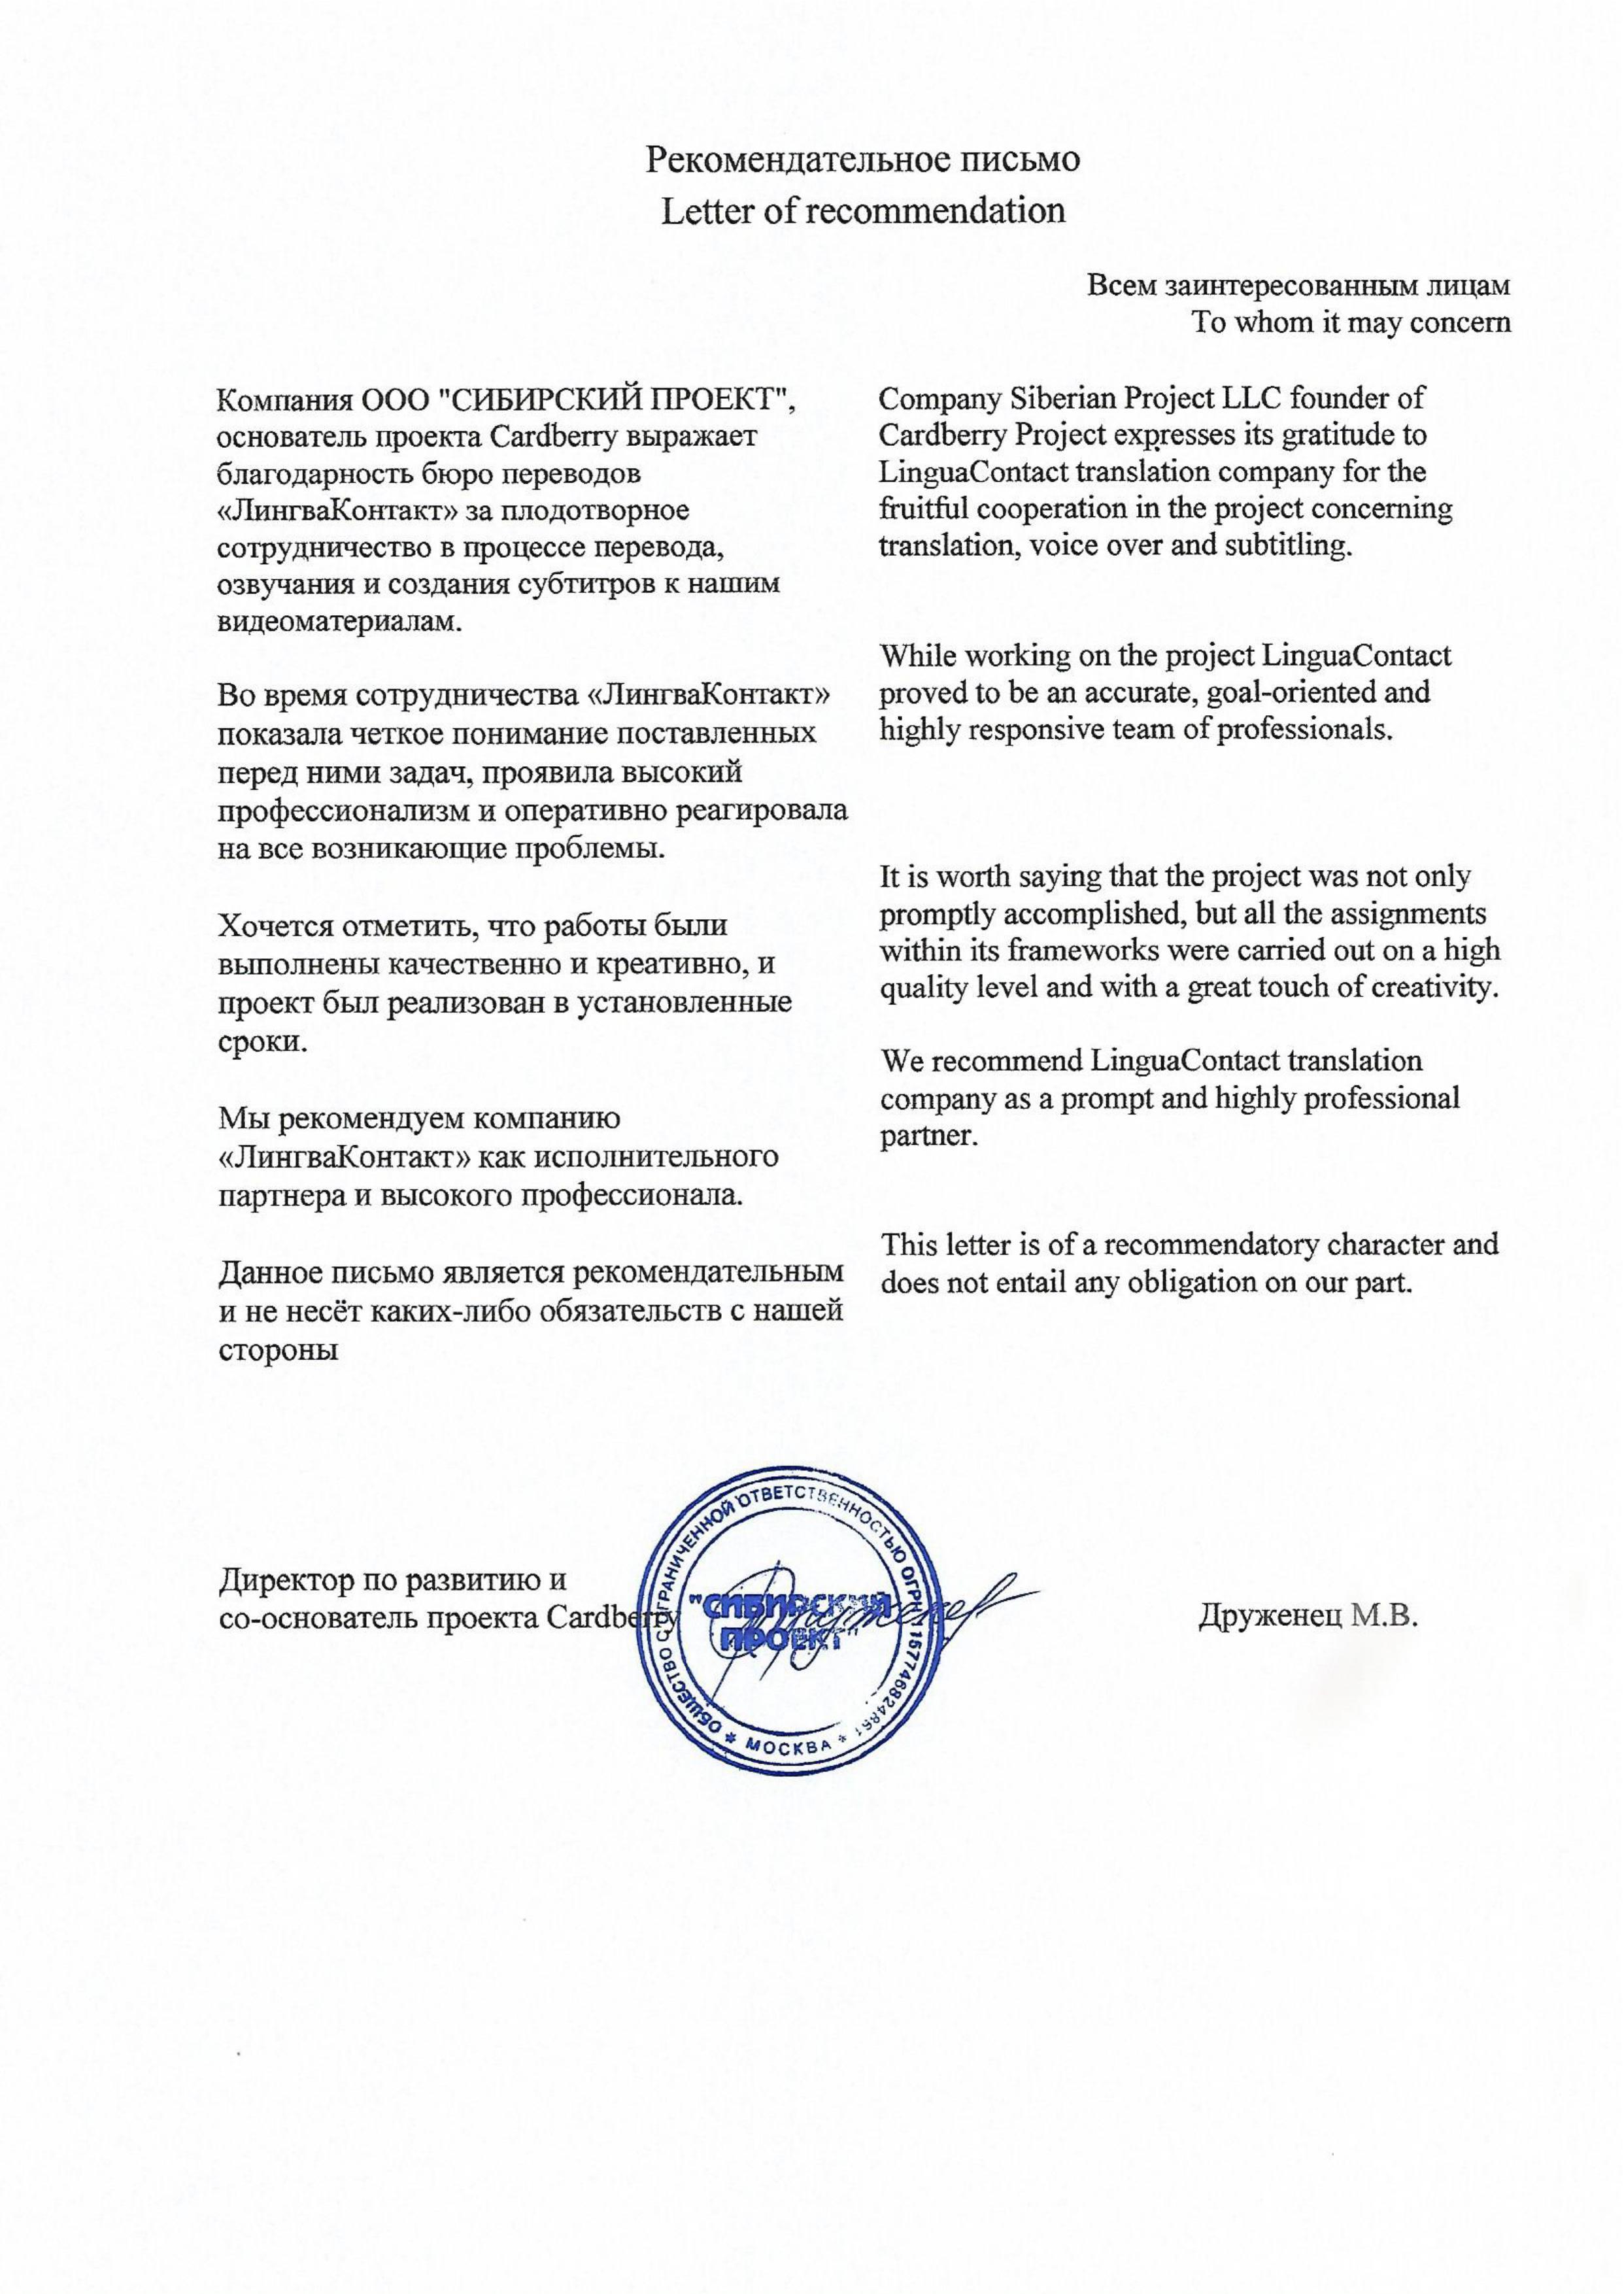 Рекомендательное письмо Сибирский проект